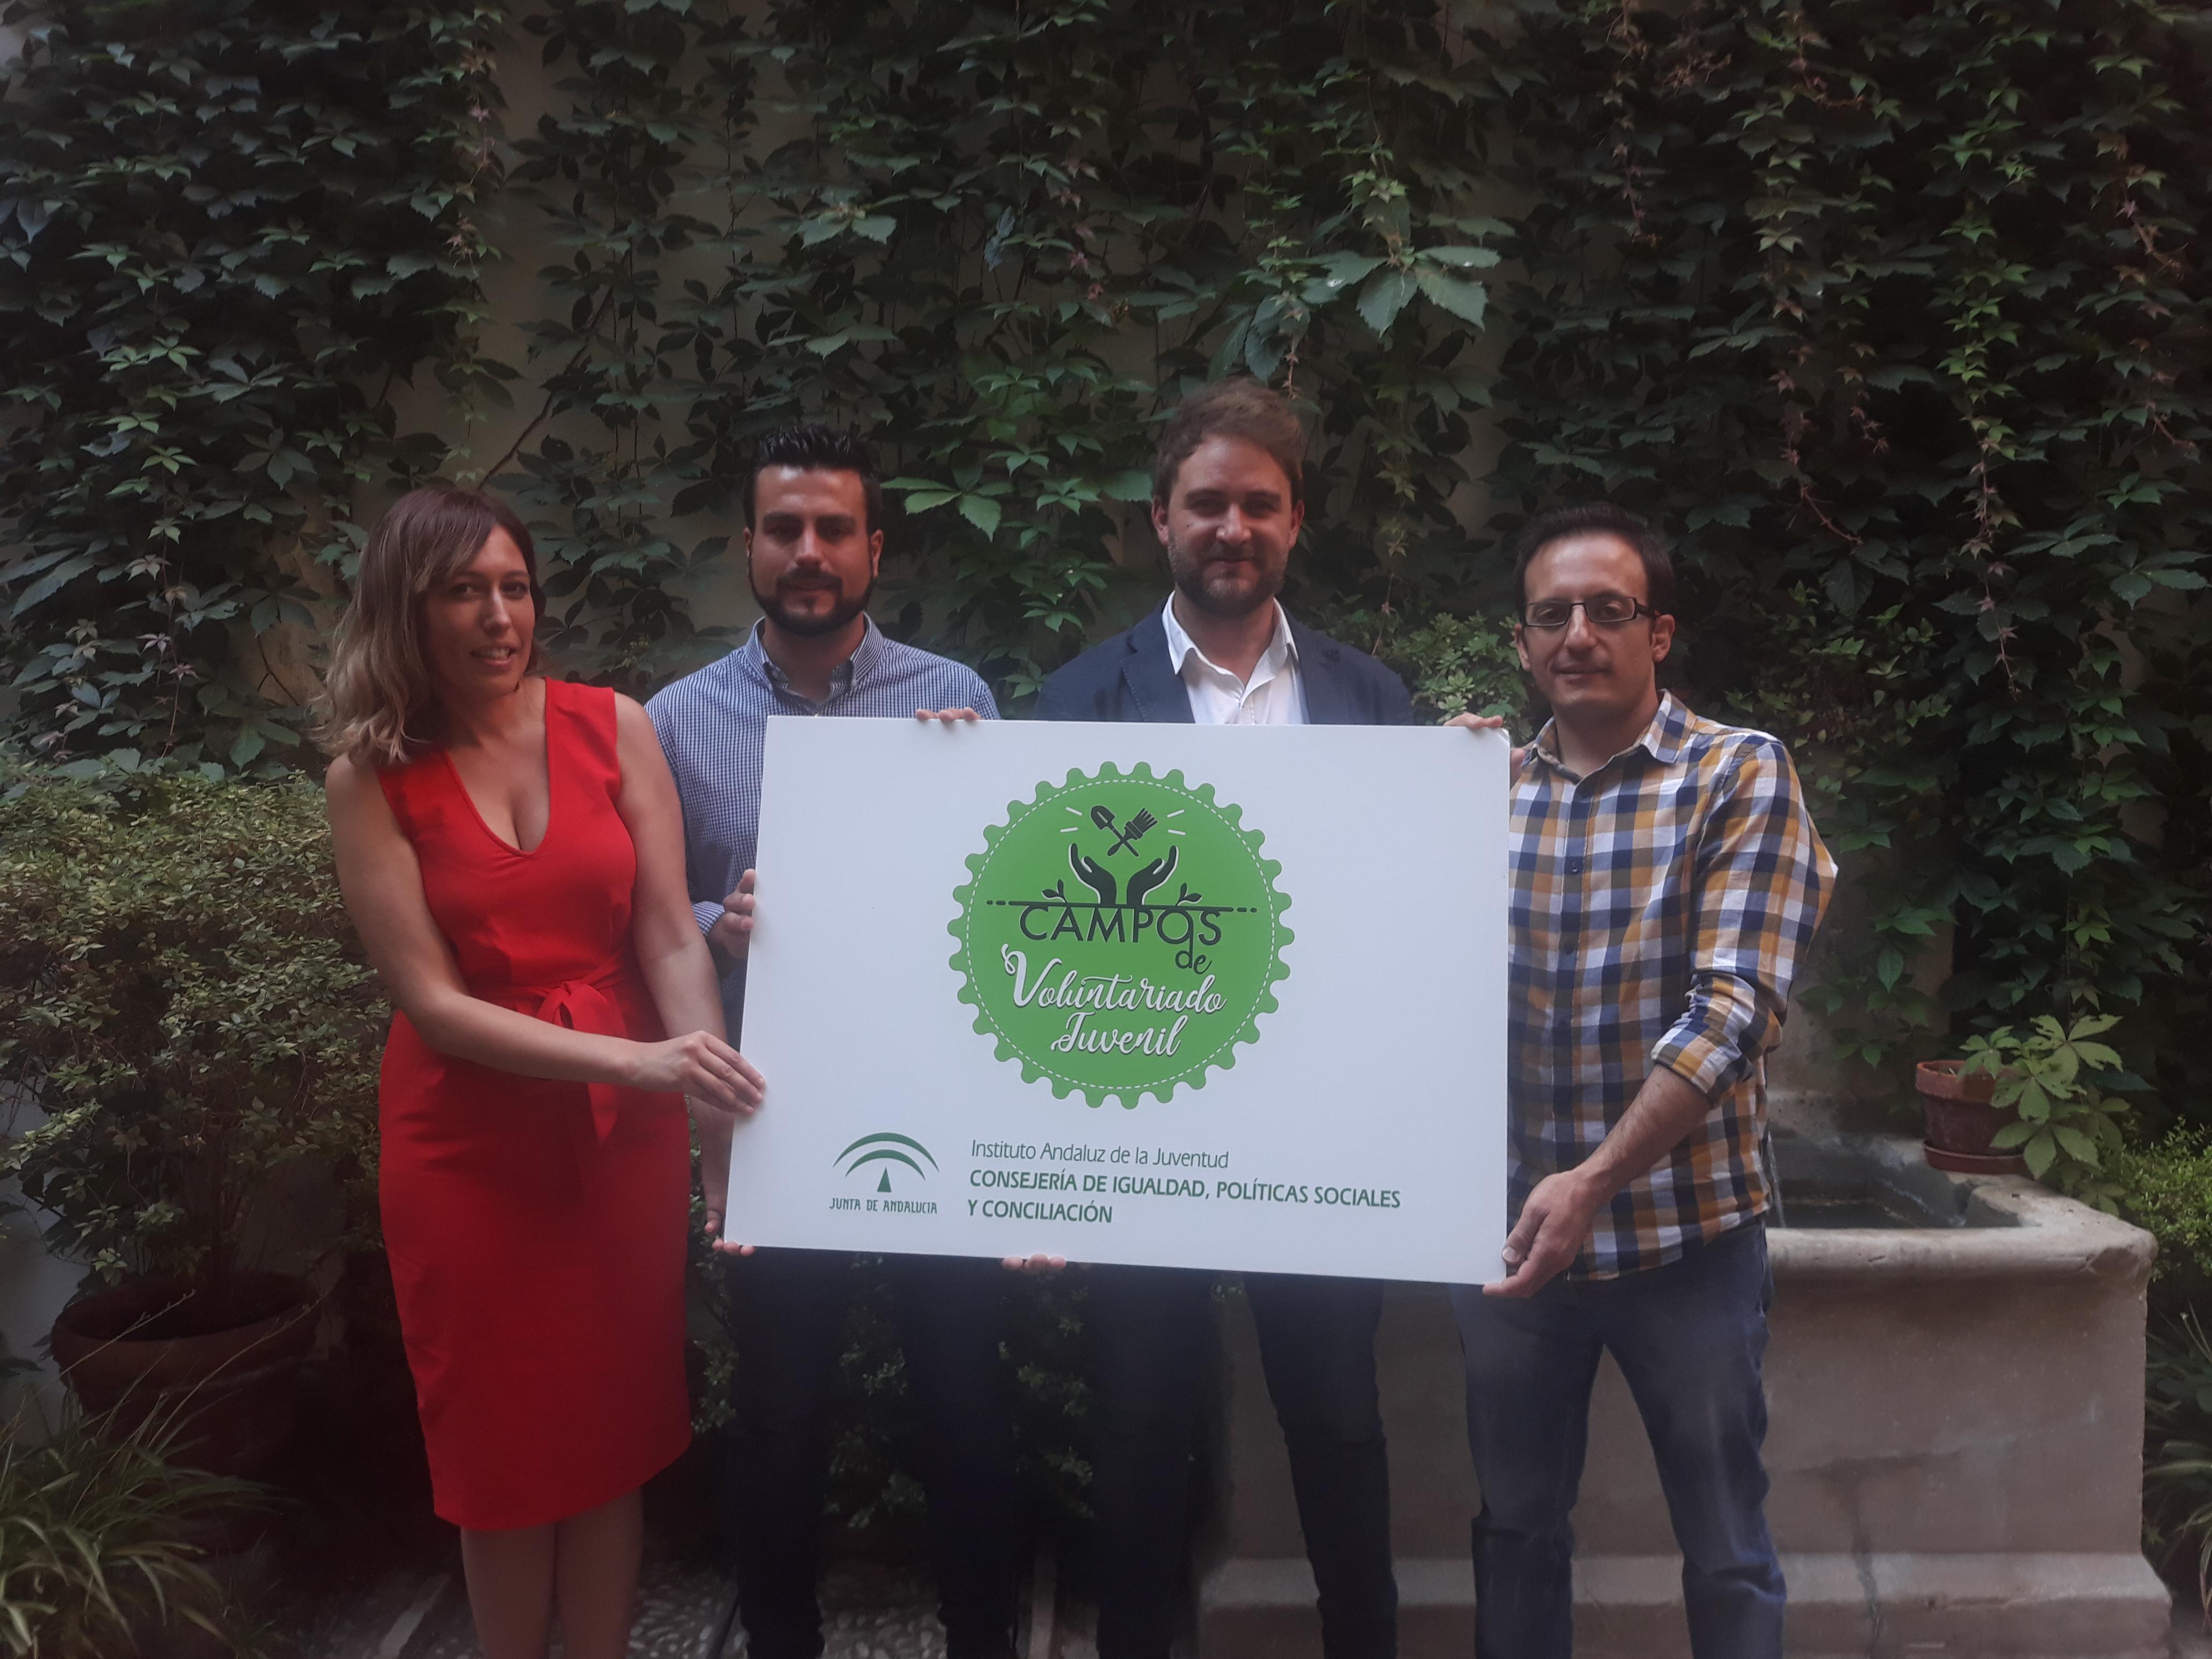 El Instituto Andaluz de la Juventud sigue apostando por los campos de Voluntariado Juvenil en Andalucía